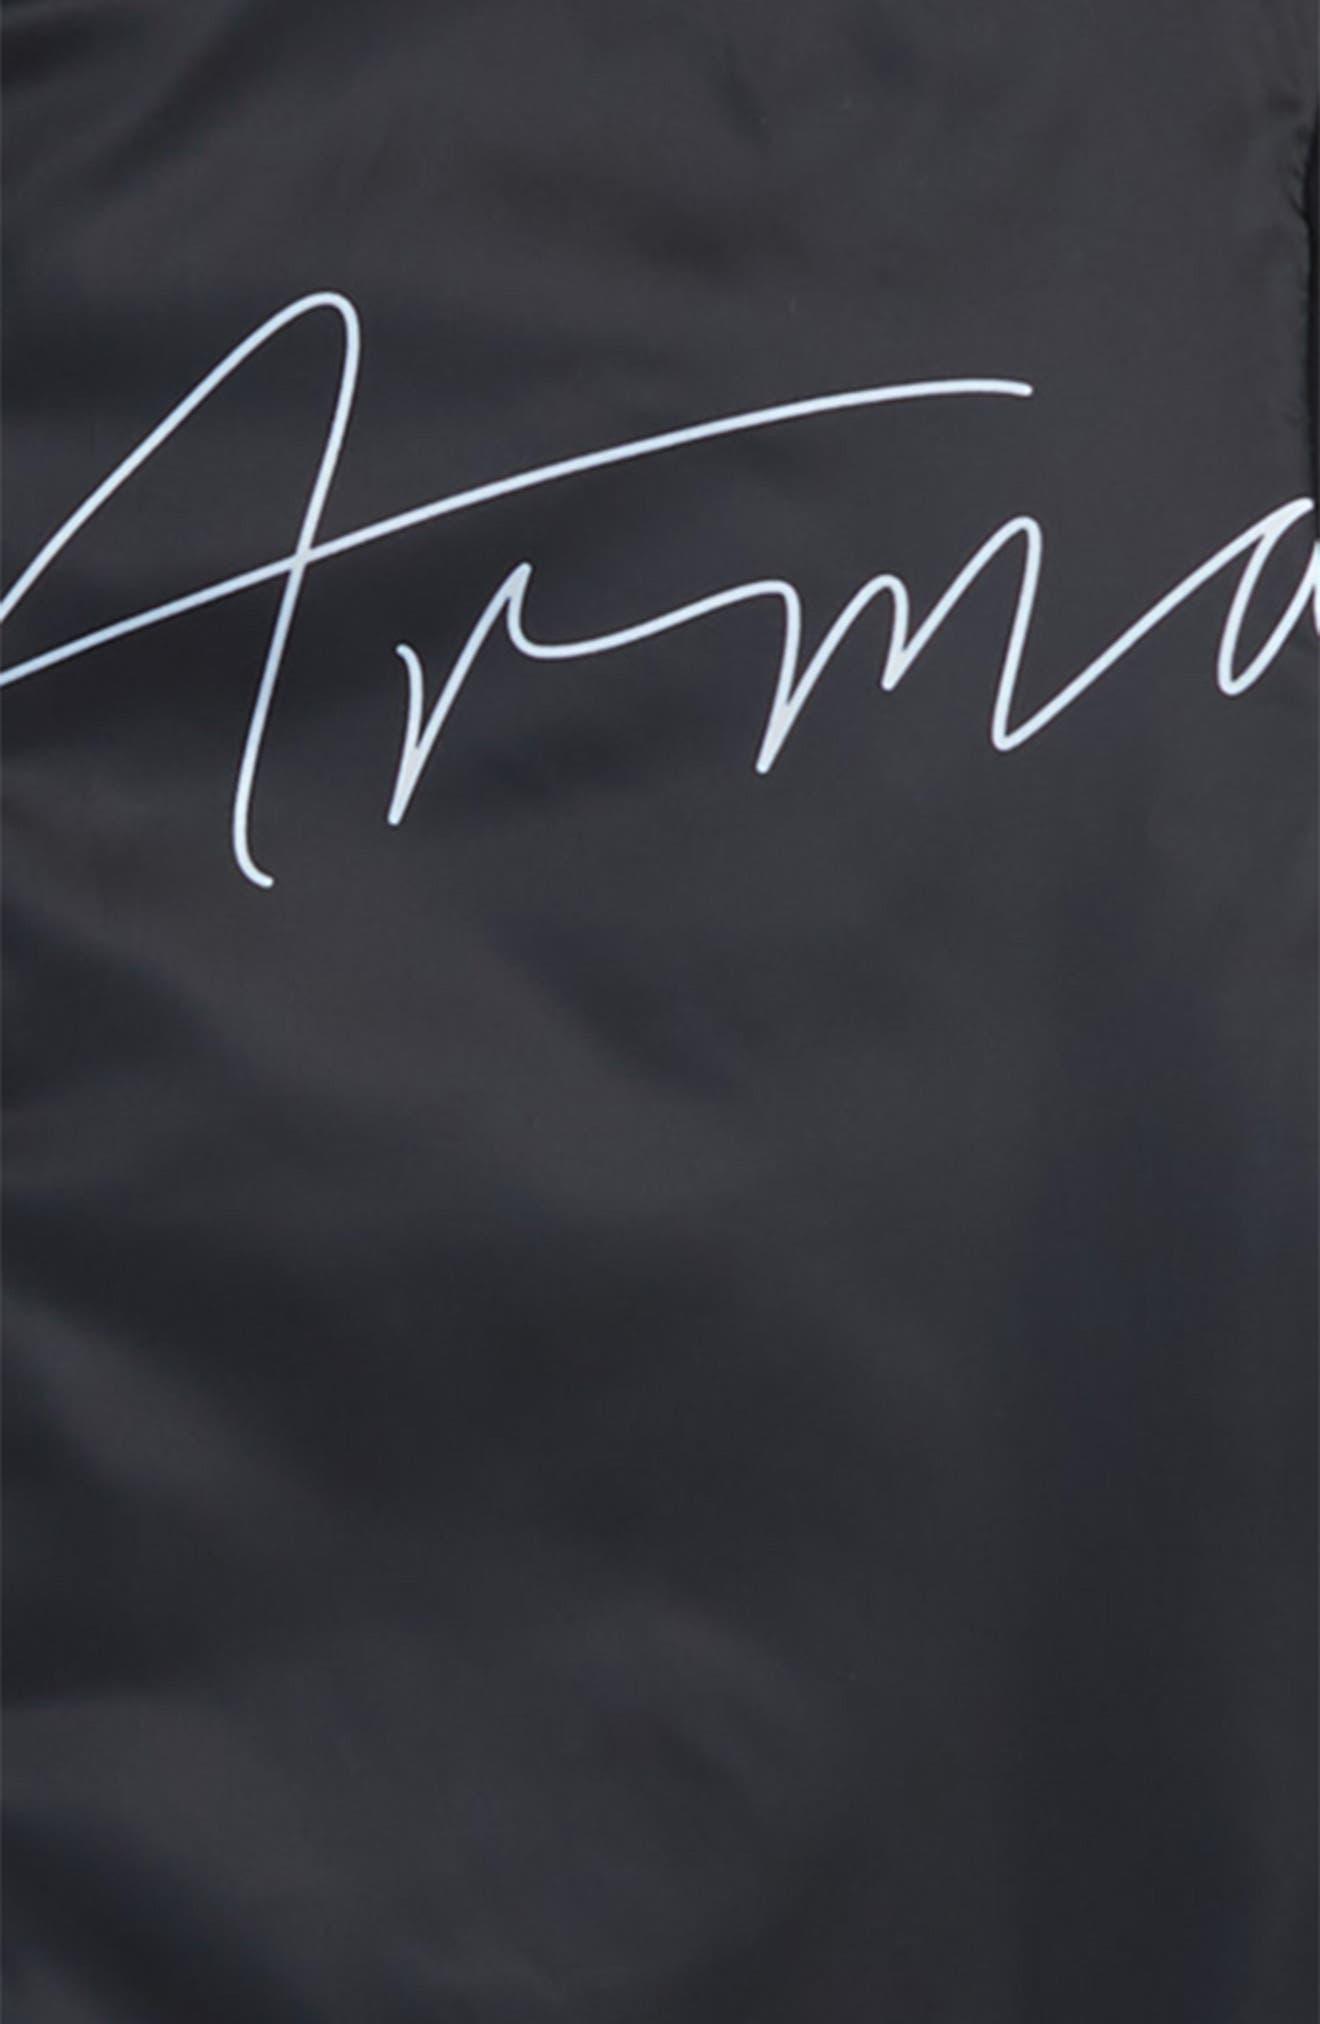 Armani Reversible Nylon Jacket,                             Alternate thumbnail 3, color,                             MULTI